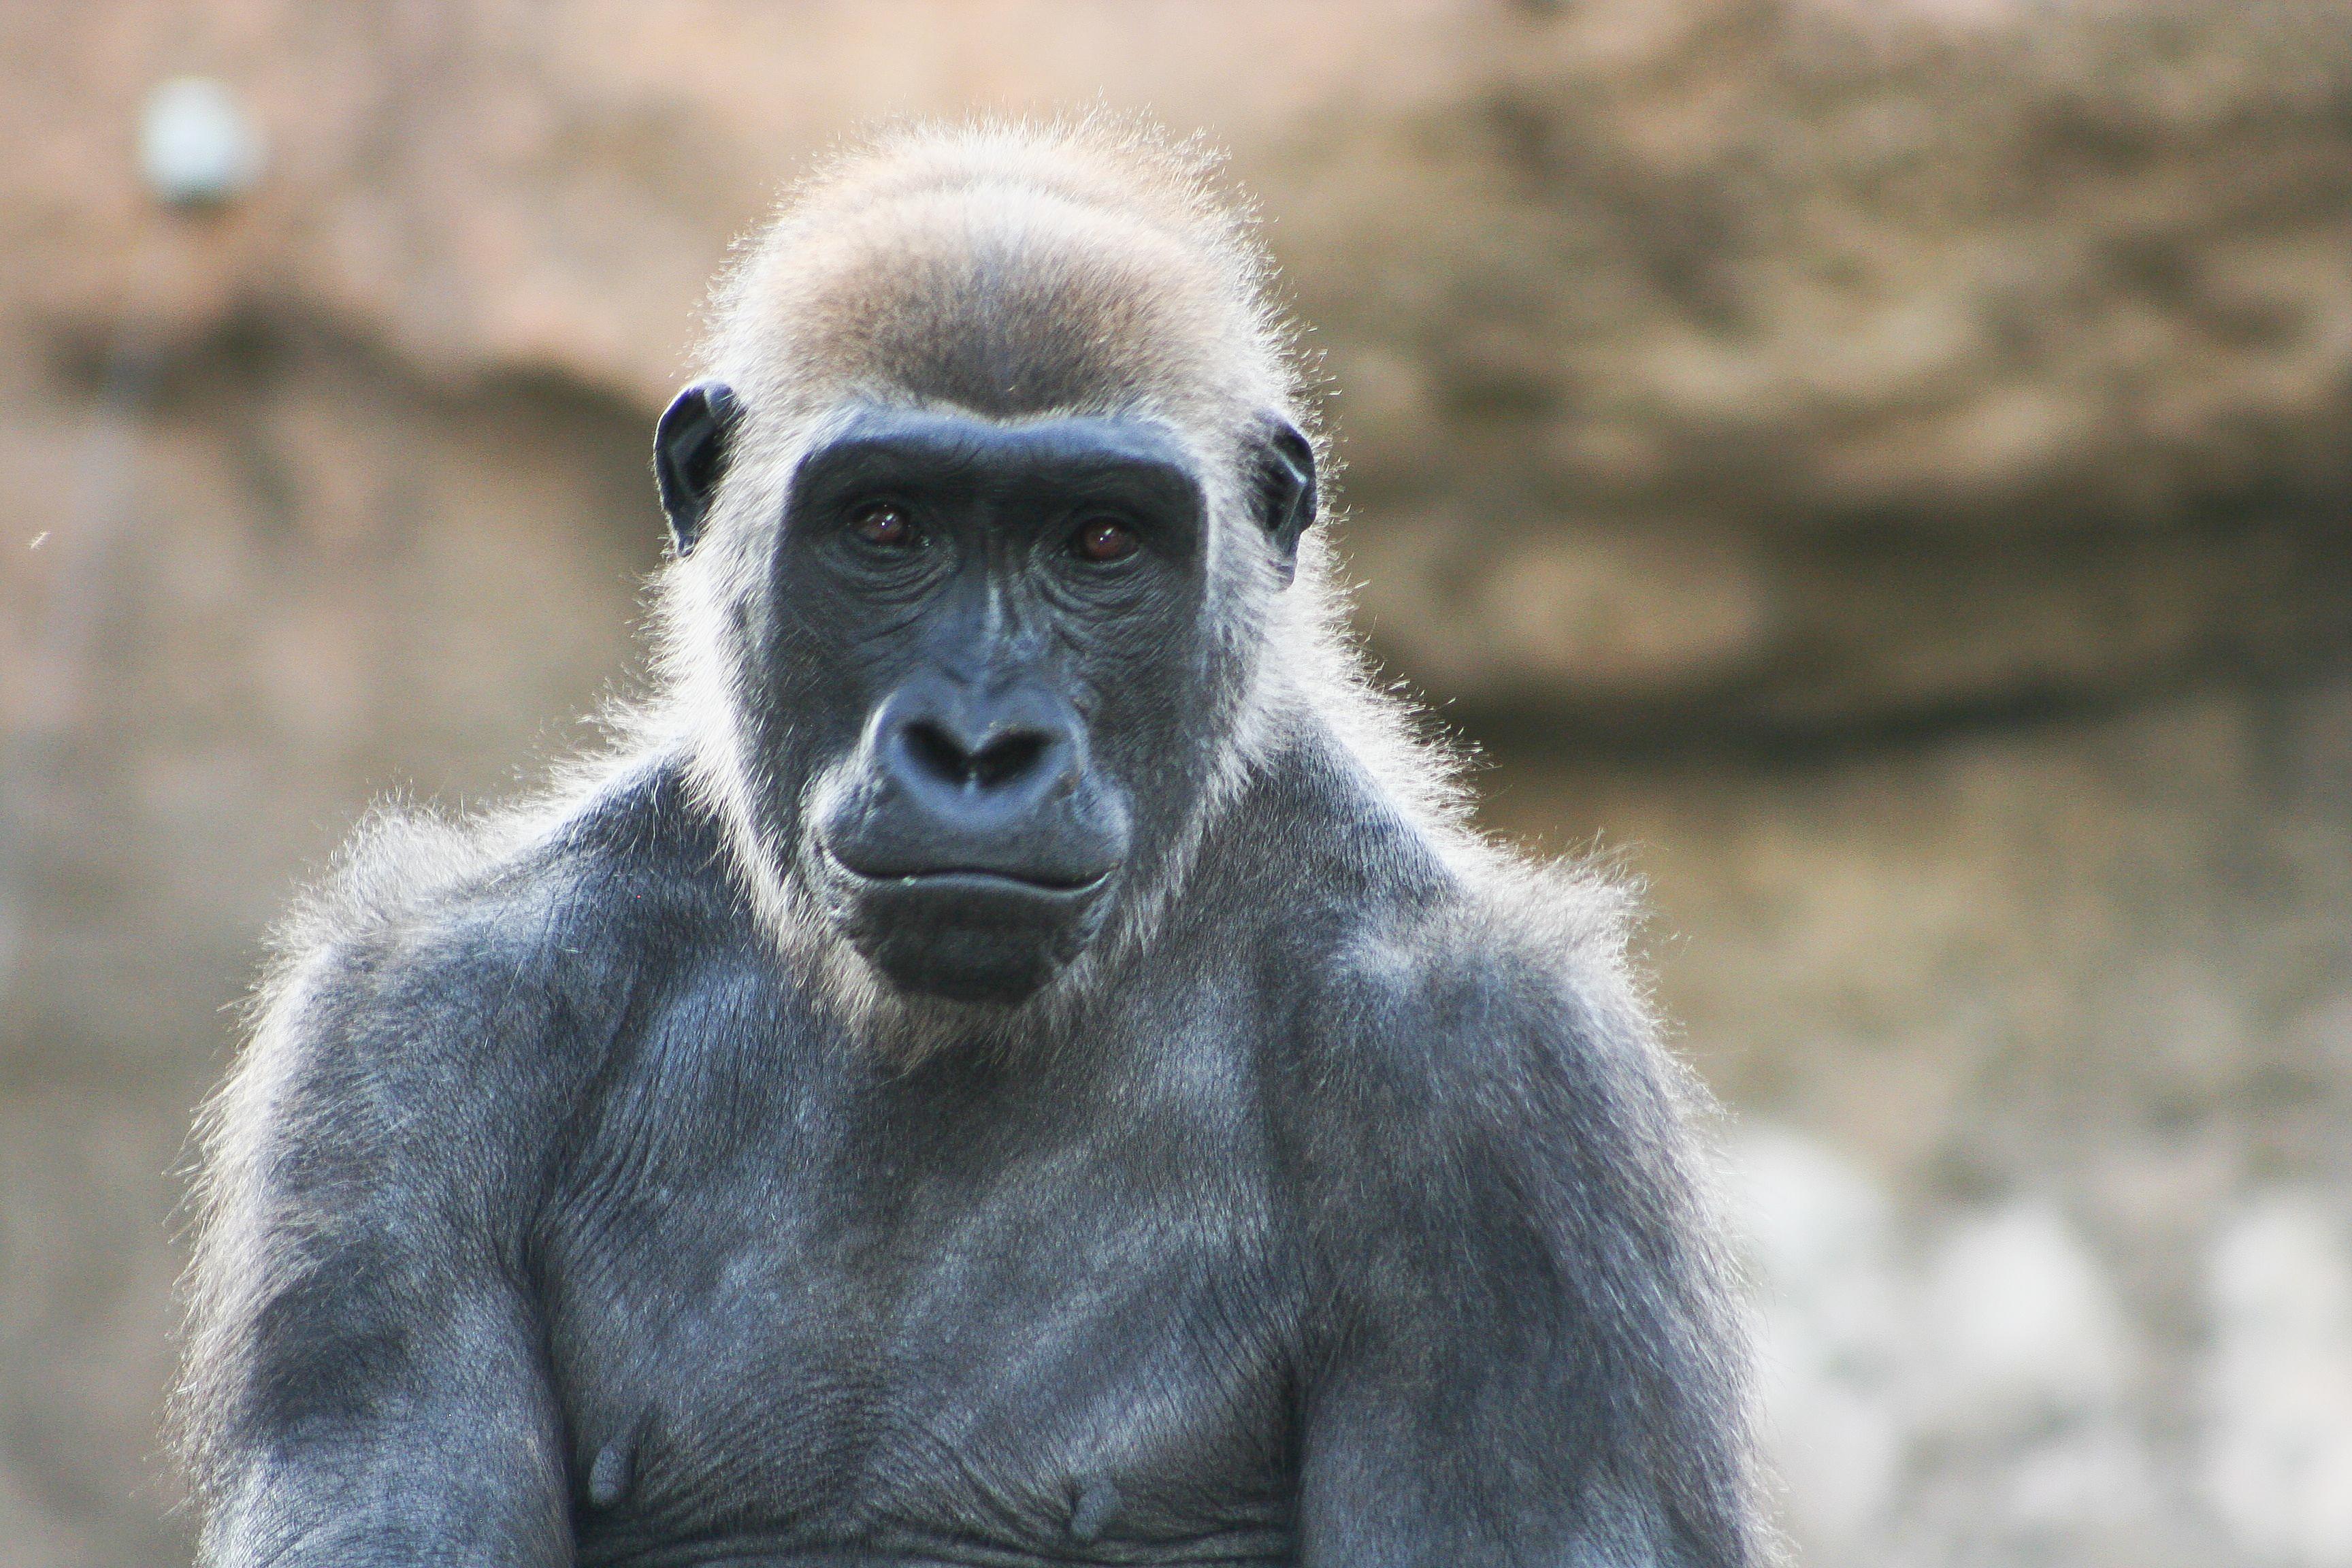 Tusa the gorilla